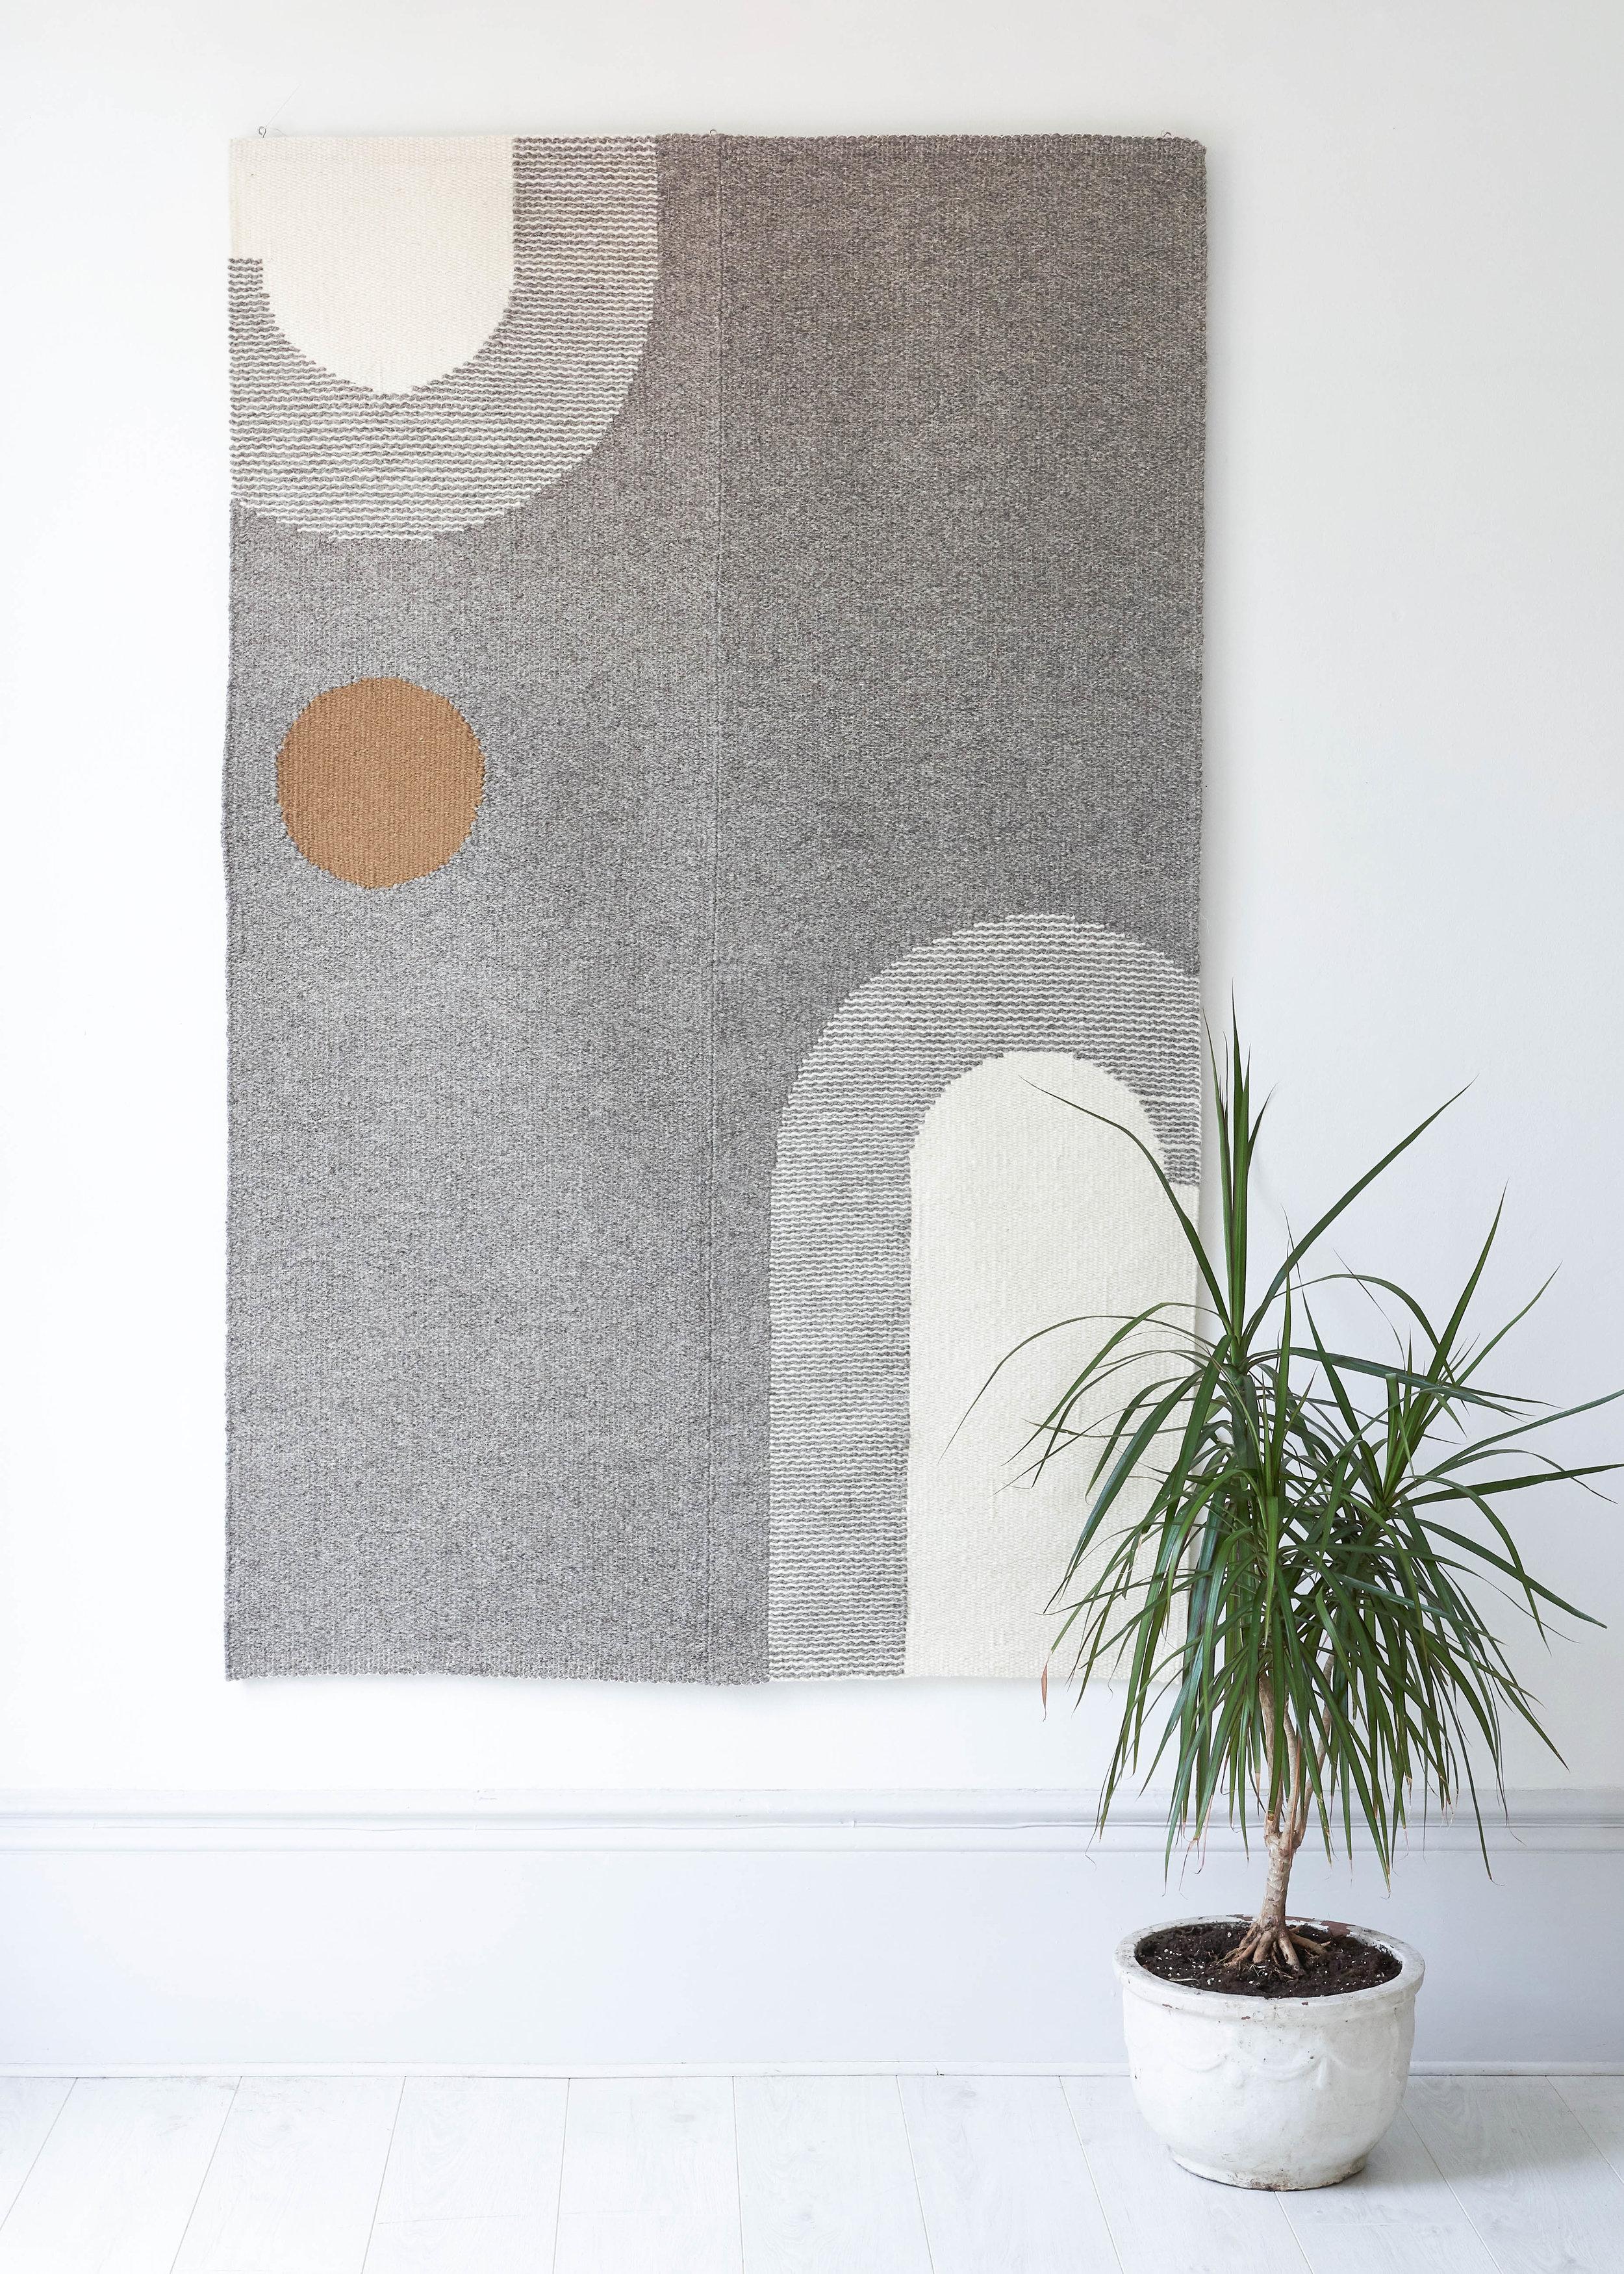 Christabel-Balfour-Two Pillars Lifestyle 001.jpg